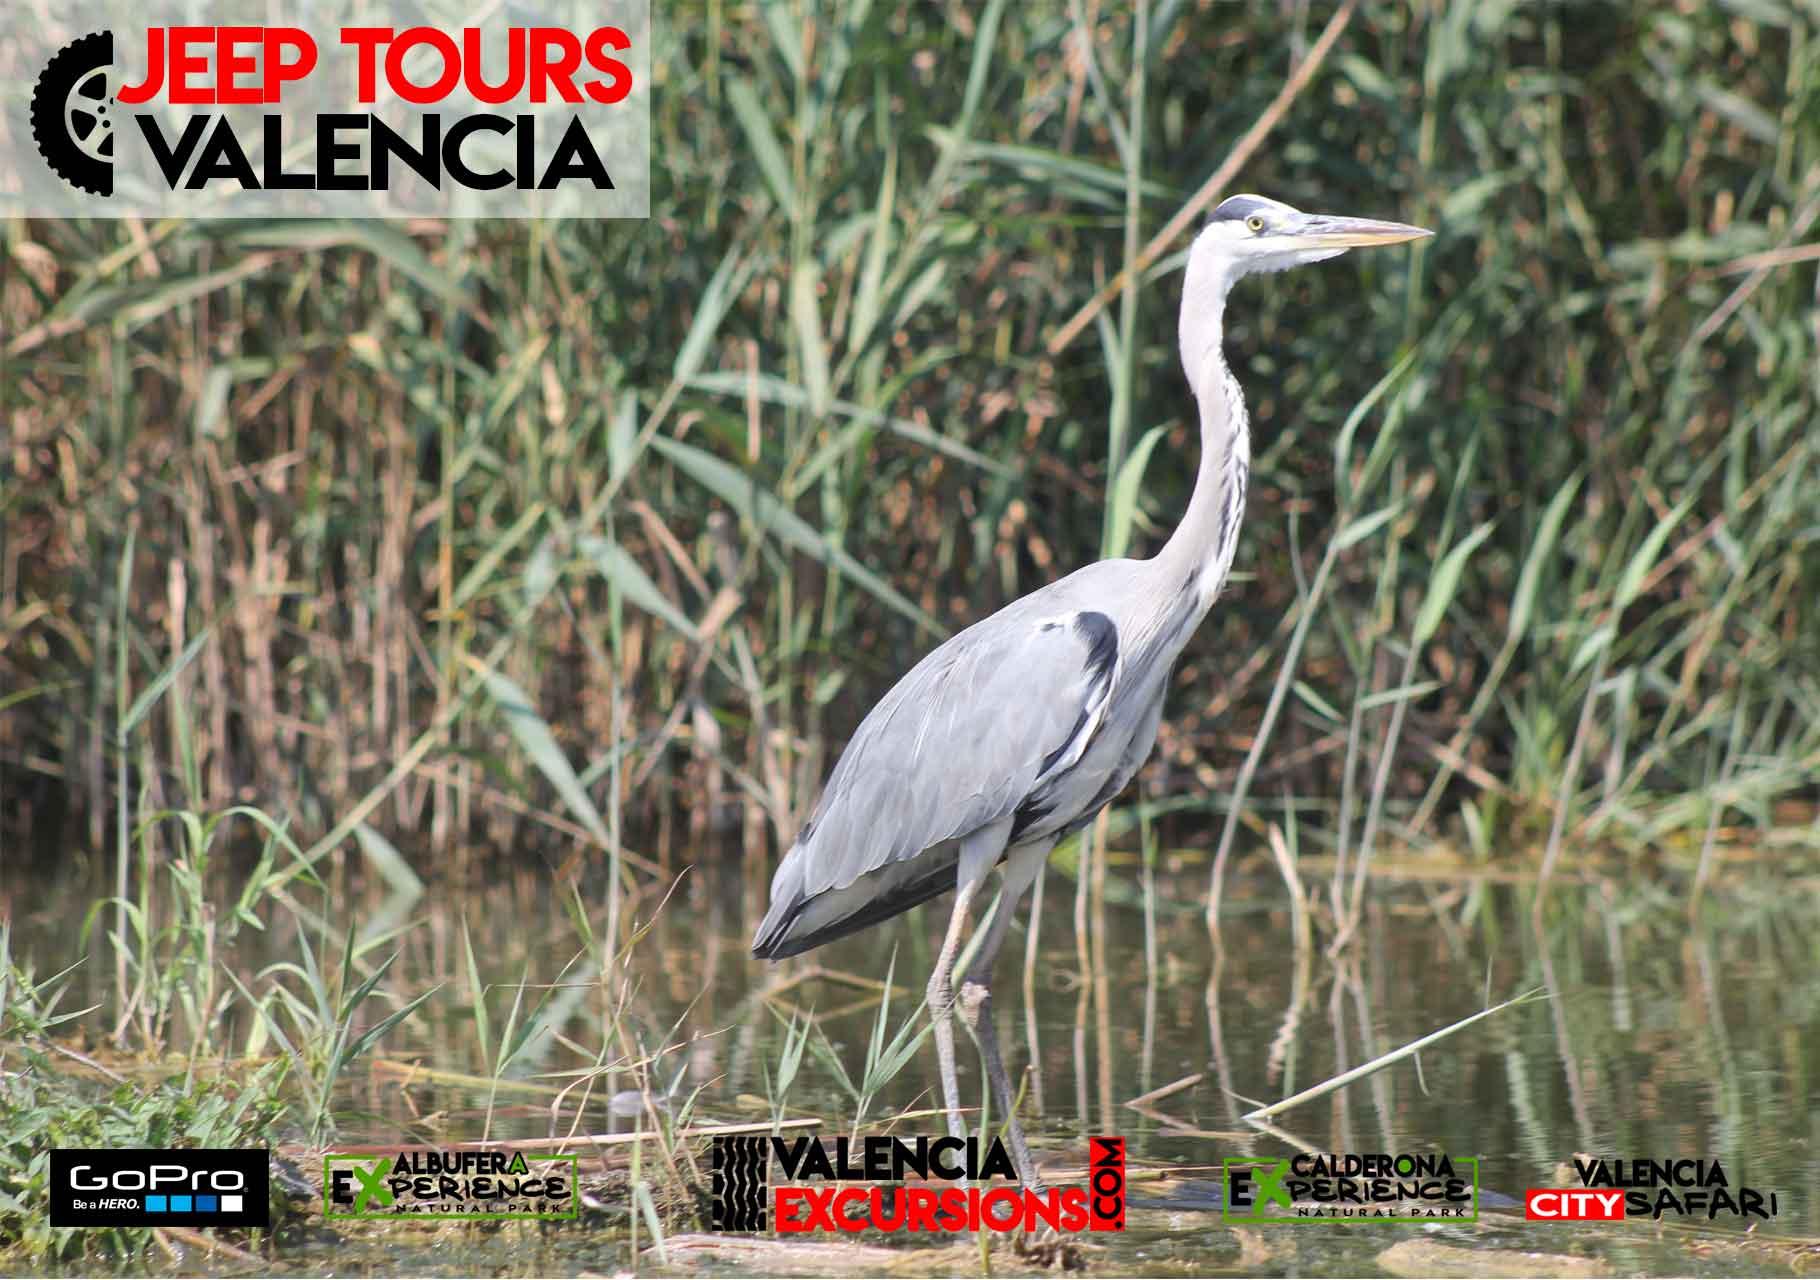 Natur und Tierwelt von Valencia im Albufera National Park. Mit Albufera EXperience , die einzige Jeep Tour Valencia